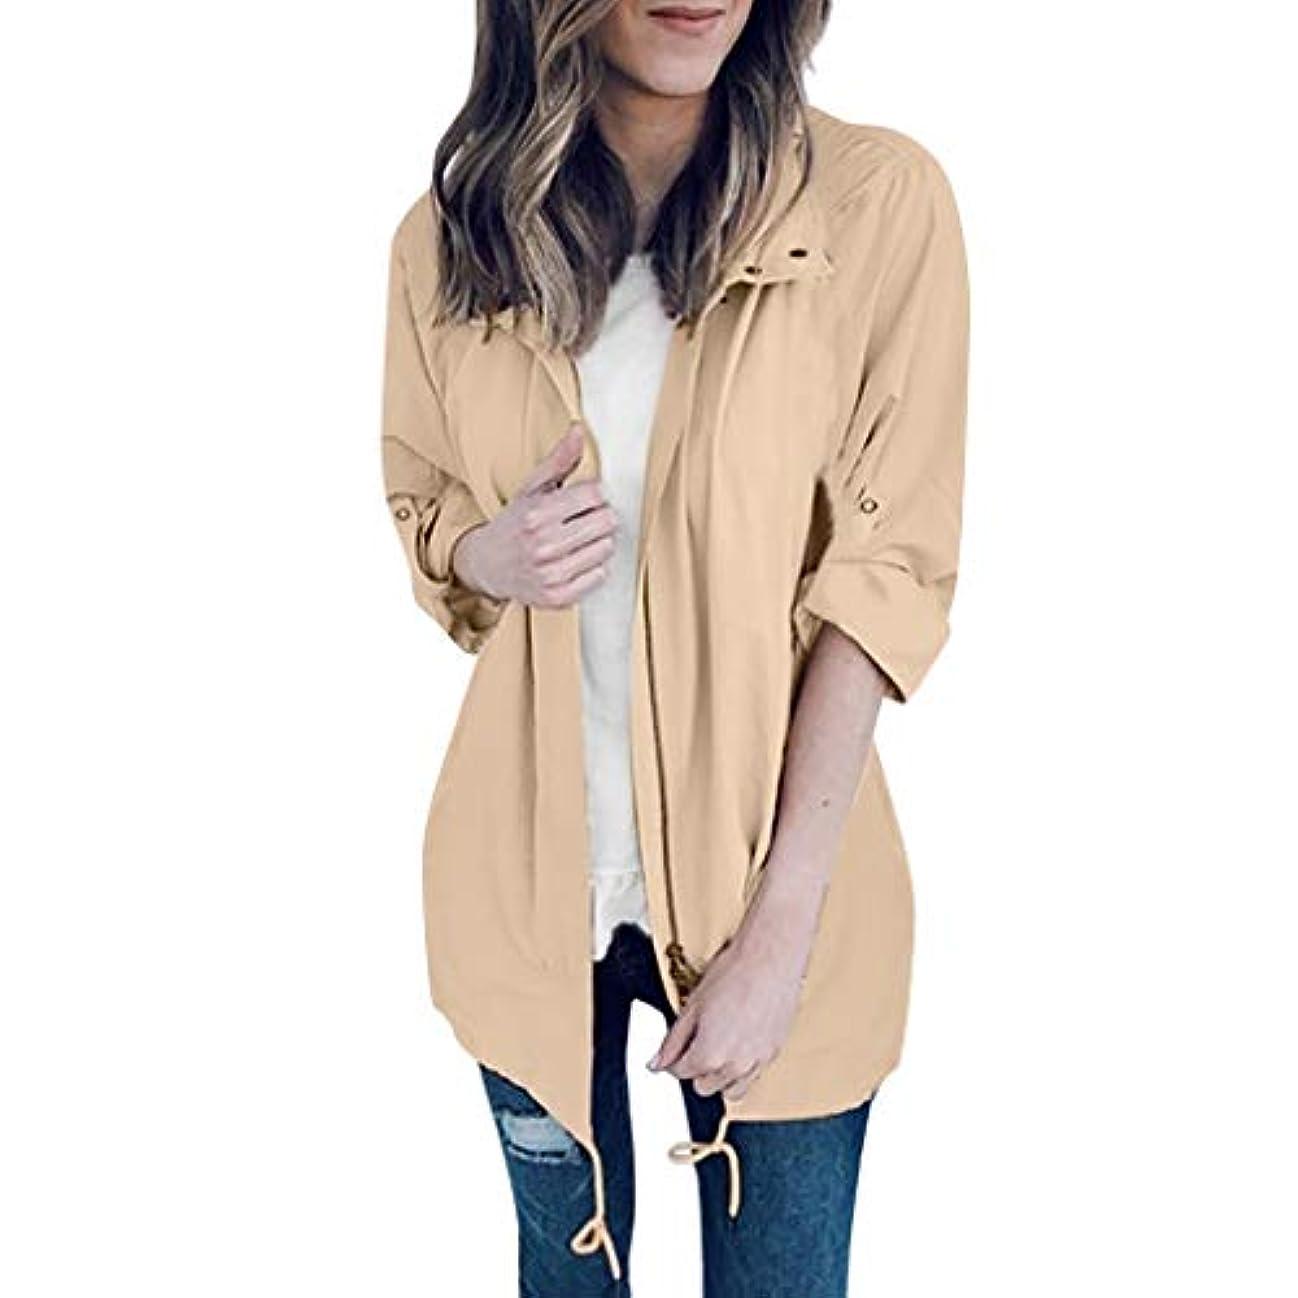 積極的に無視するモデレータショート丈 ジャケットカーディガン コート ジャケット クライムライトジャケット レディース 長袖 通勤 入学式 入園式 カジュアル オフィス 綿麻混 薄手 カジュアル 冷房対策 韓国ファッション